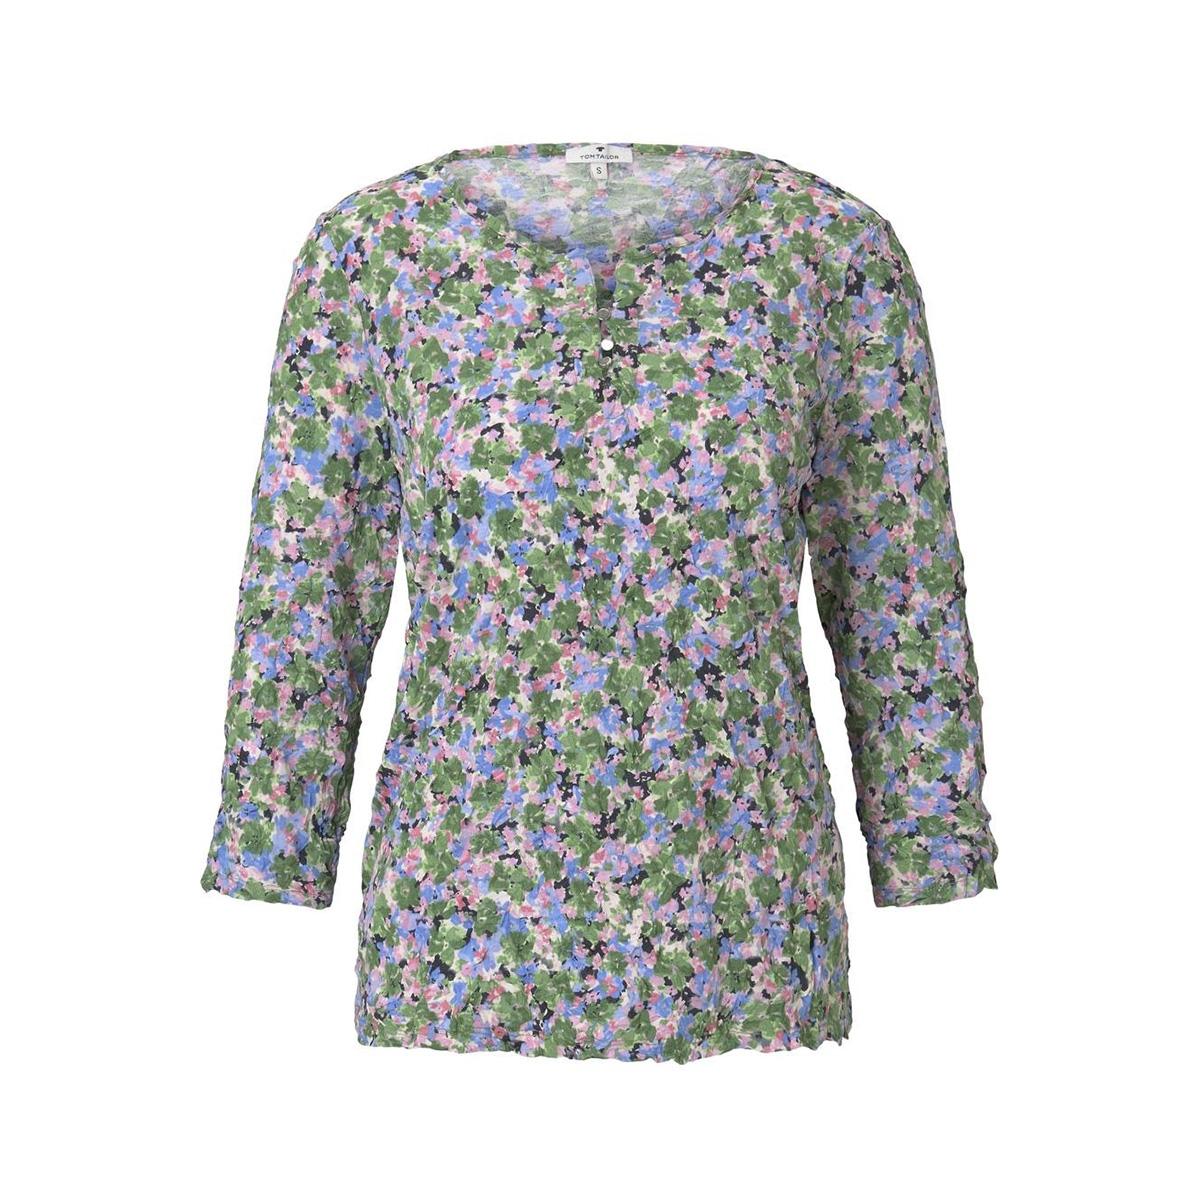 gedessineerd shirt in crinkle look 1017464xx70 tom tailor t-shirt 22098